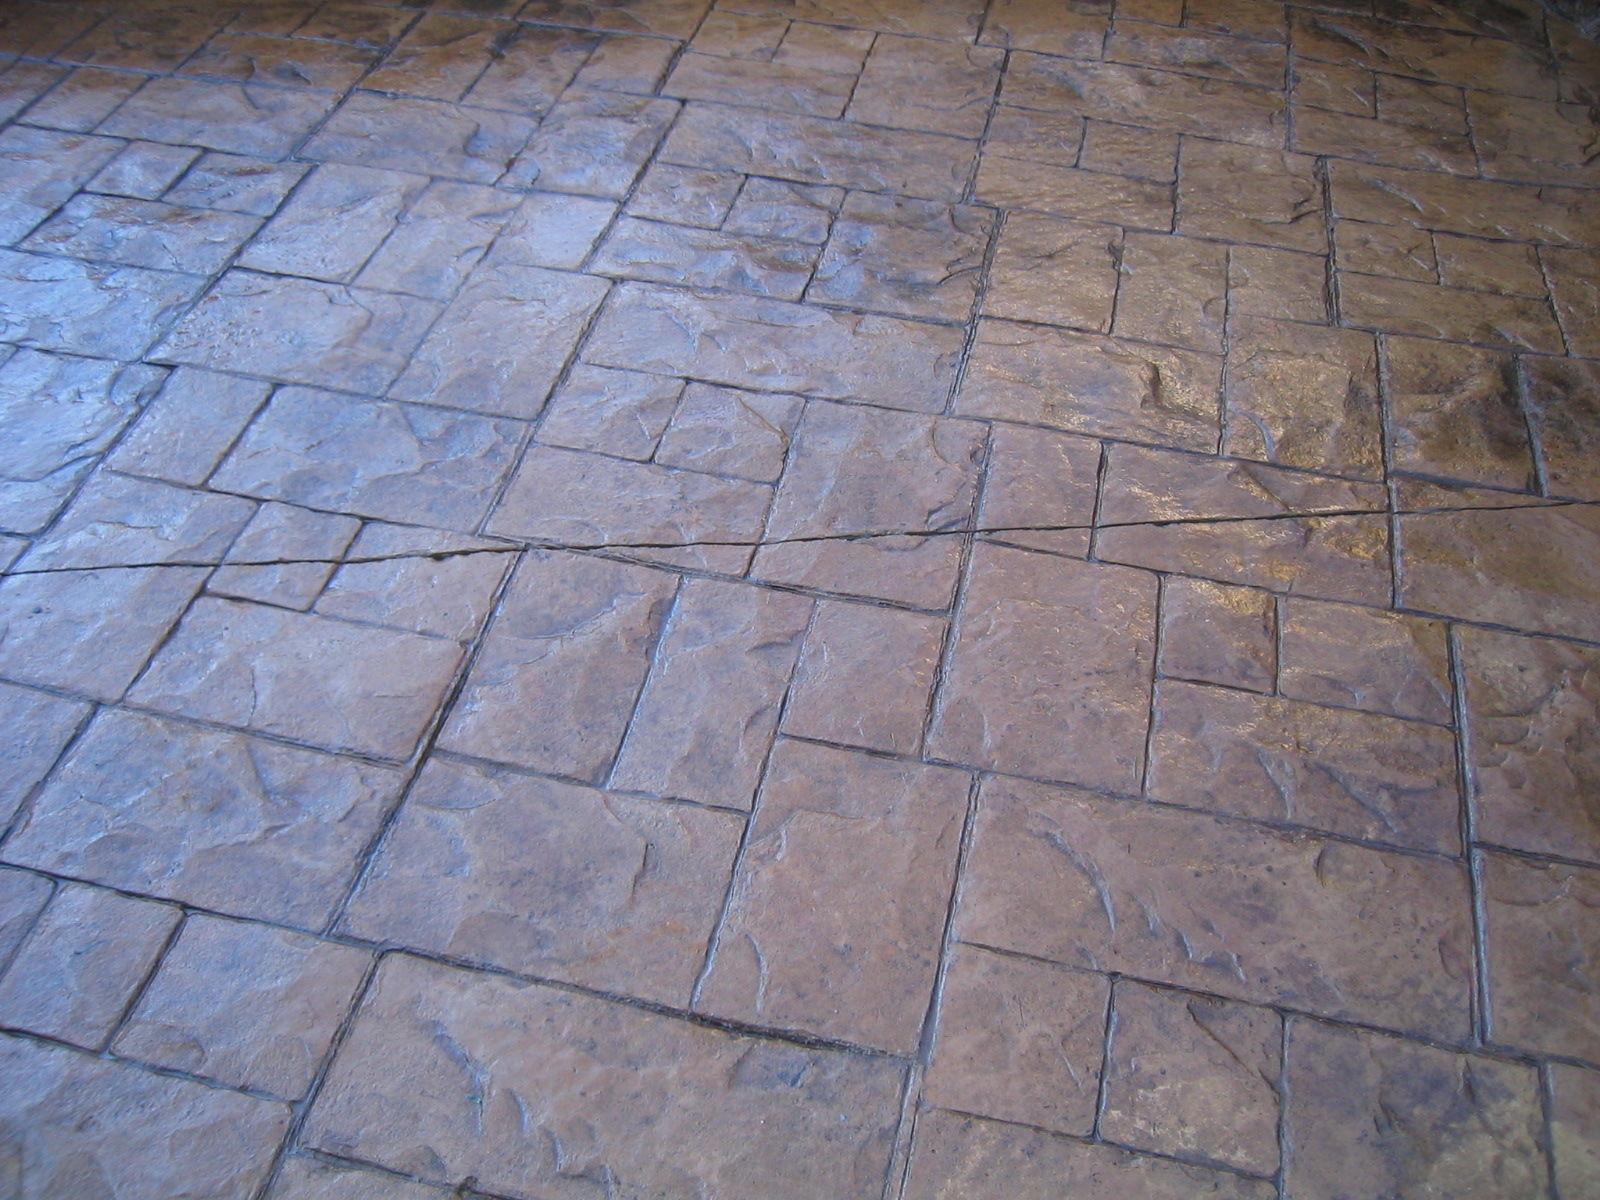 Estampado pizarra silleria sobre impreso pavimento morcret for Hormigon encerado sobre suelo de baldosas